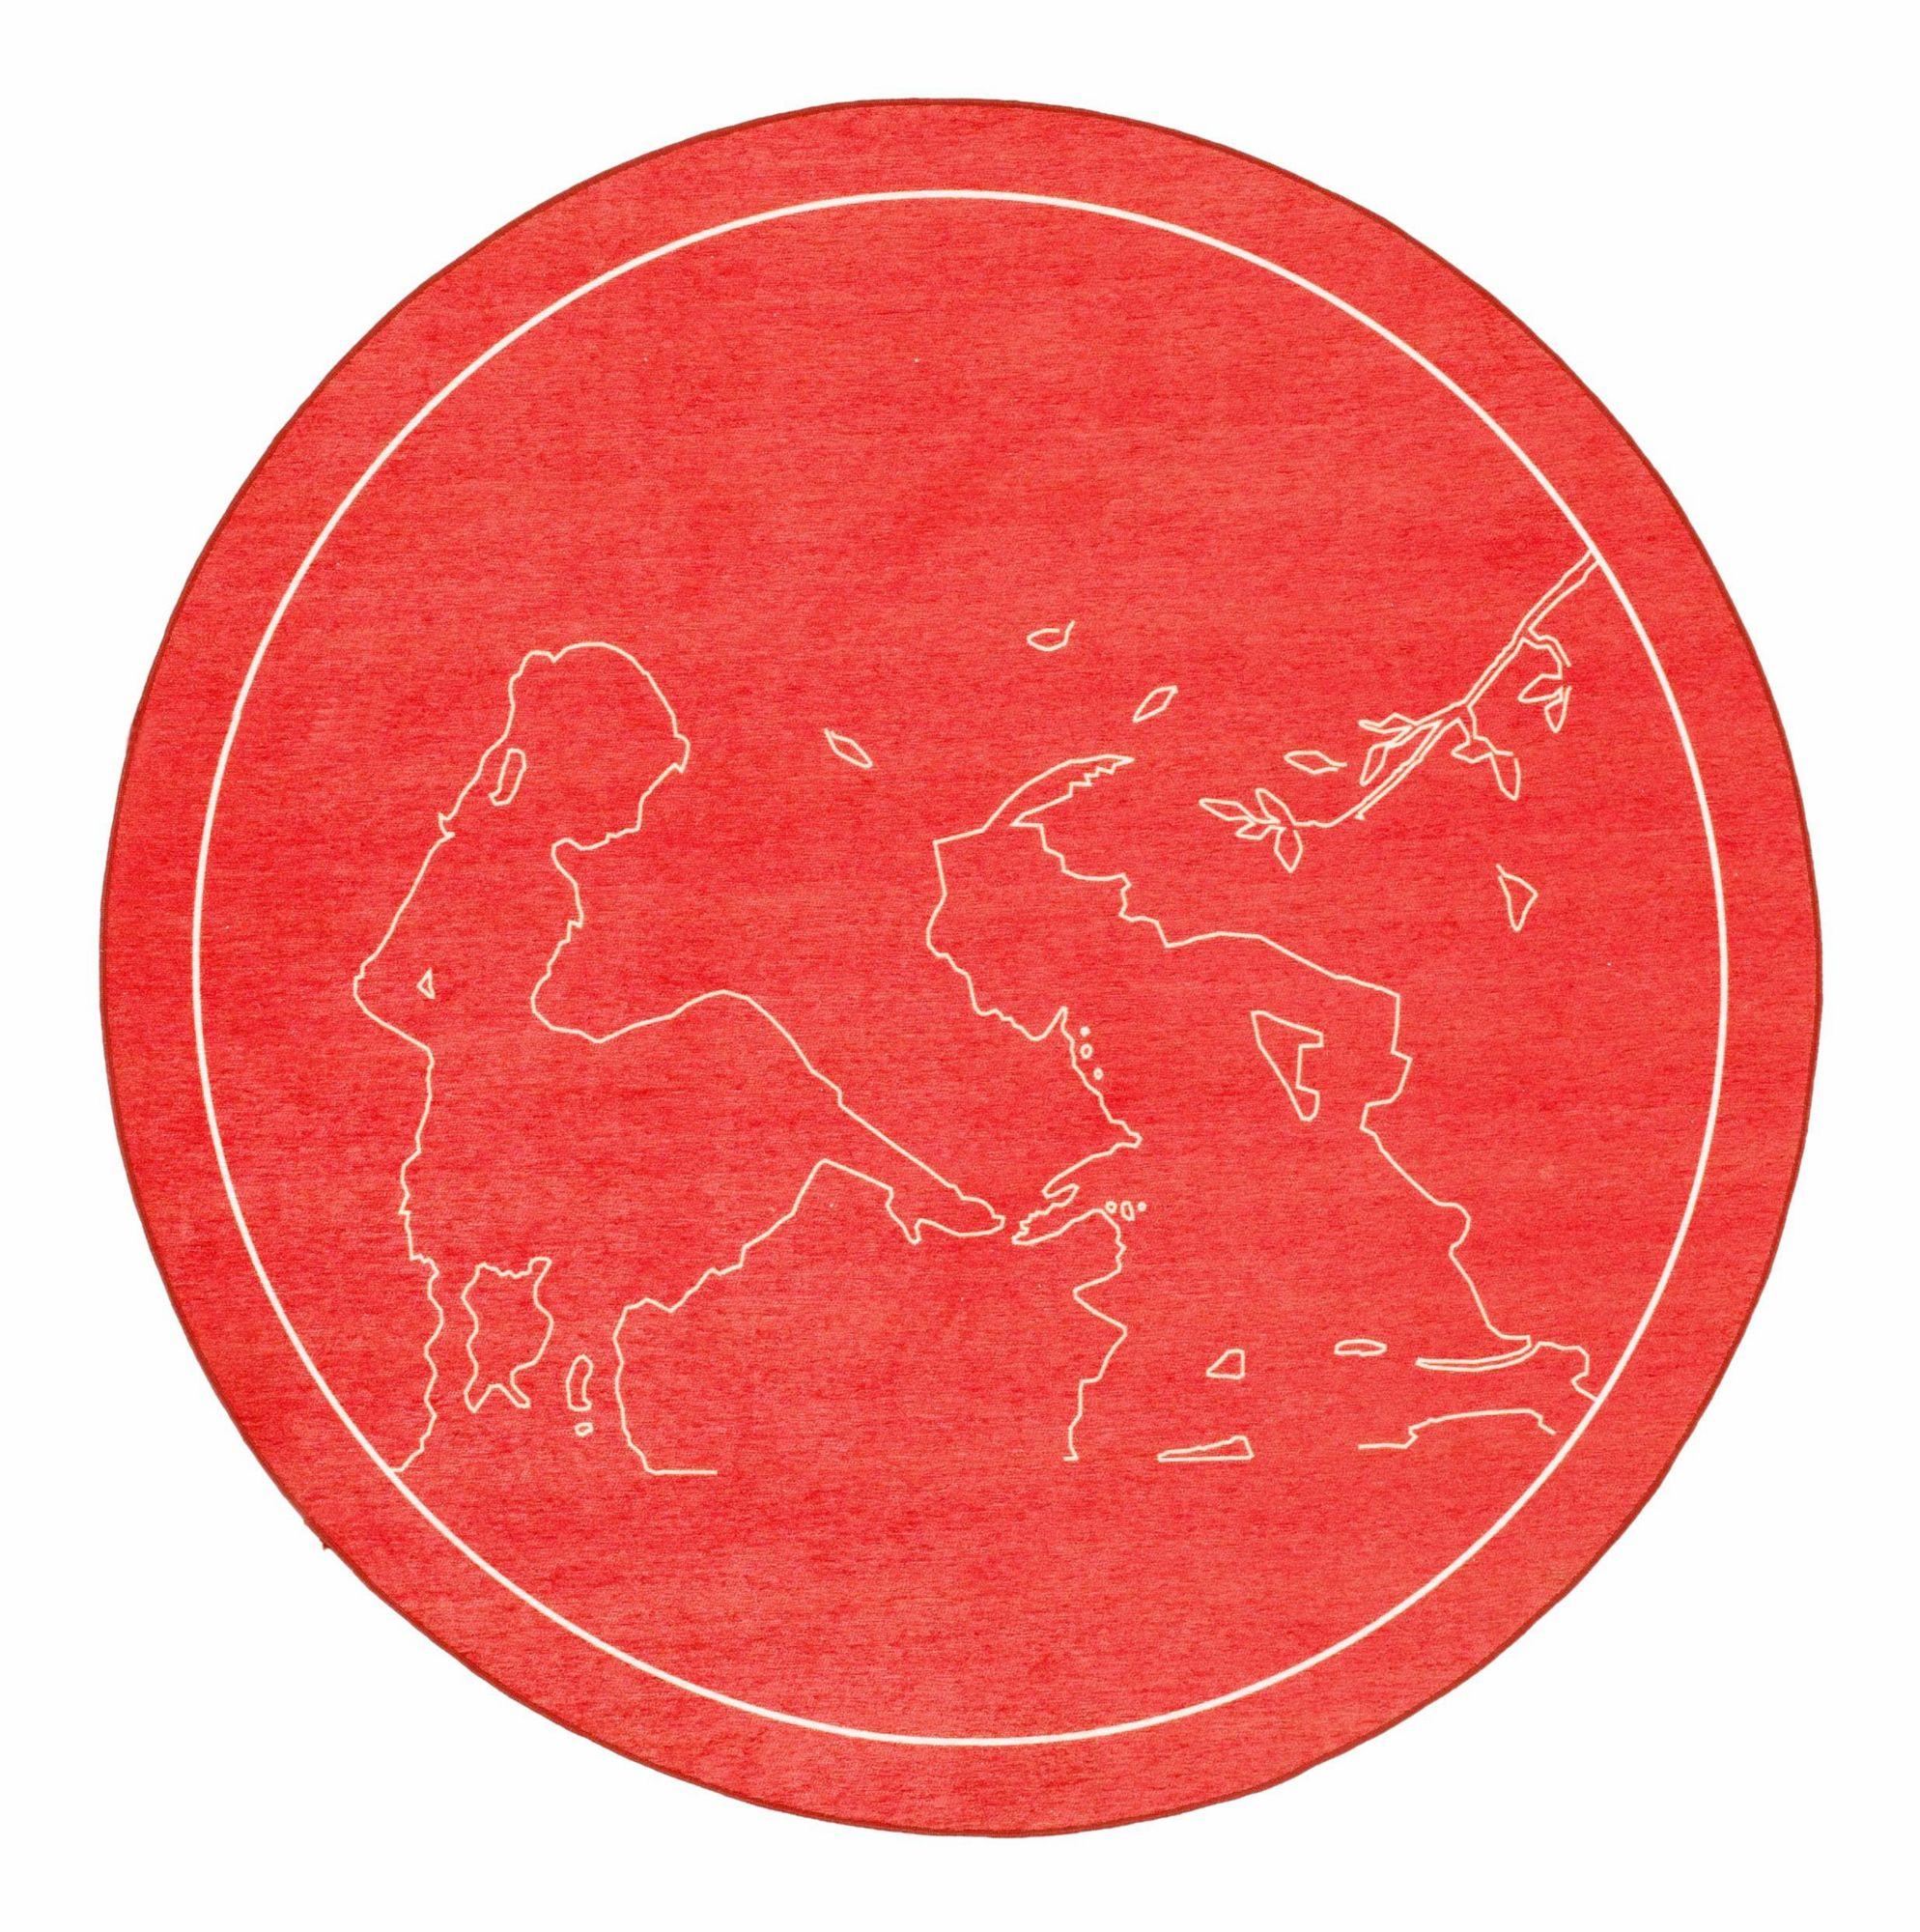 GRIMMLIIS Kinder-Teppich, rund, Grimmliis, »Märchen 5«, Höhe 2 mm,  Flachgewebe